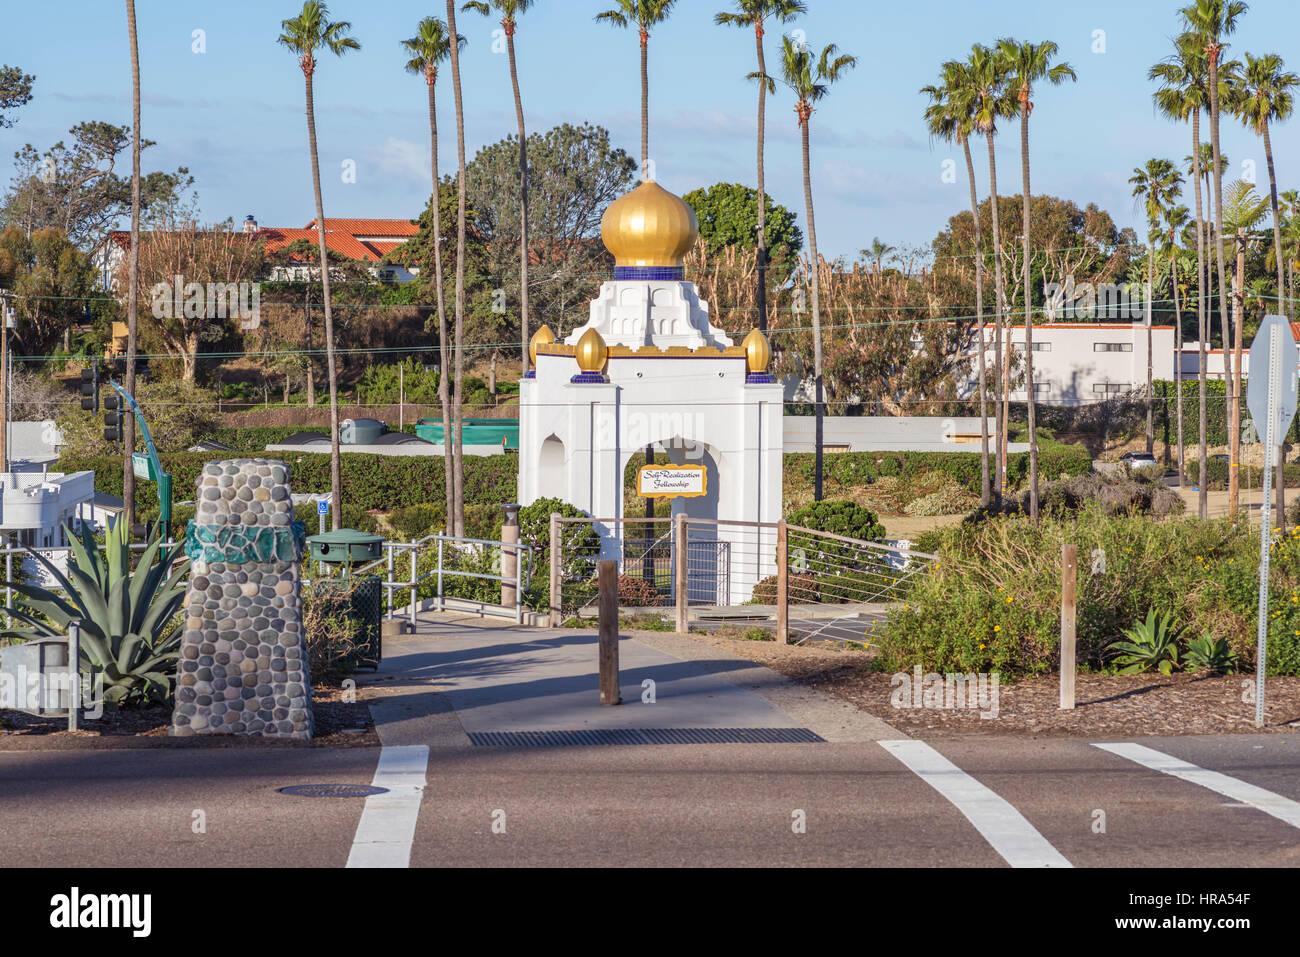 El Golden Lotus Domo de la auto realización becas. Encinitas, California. Imagen De Stock